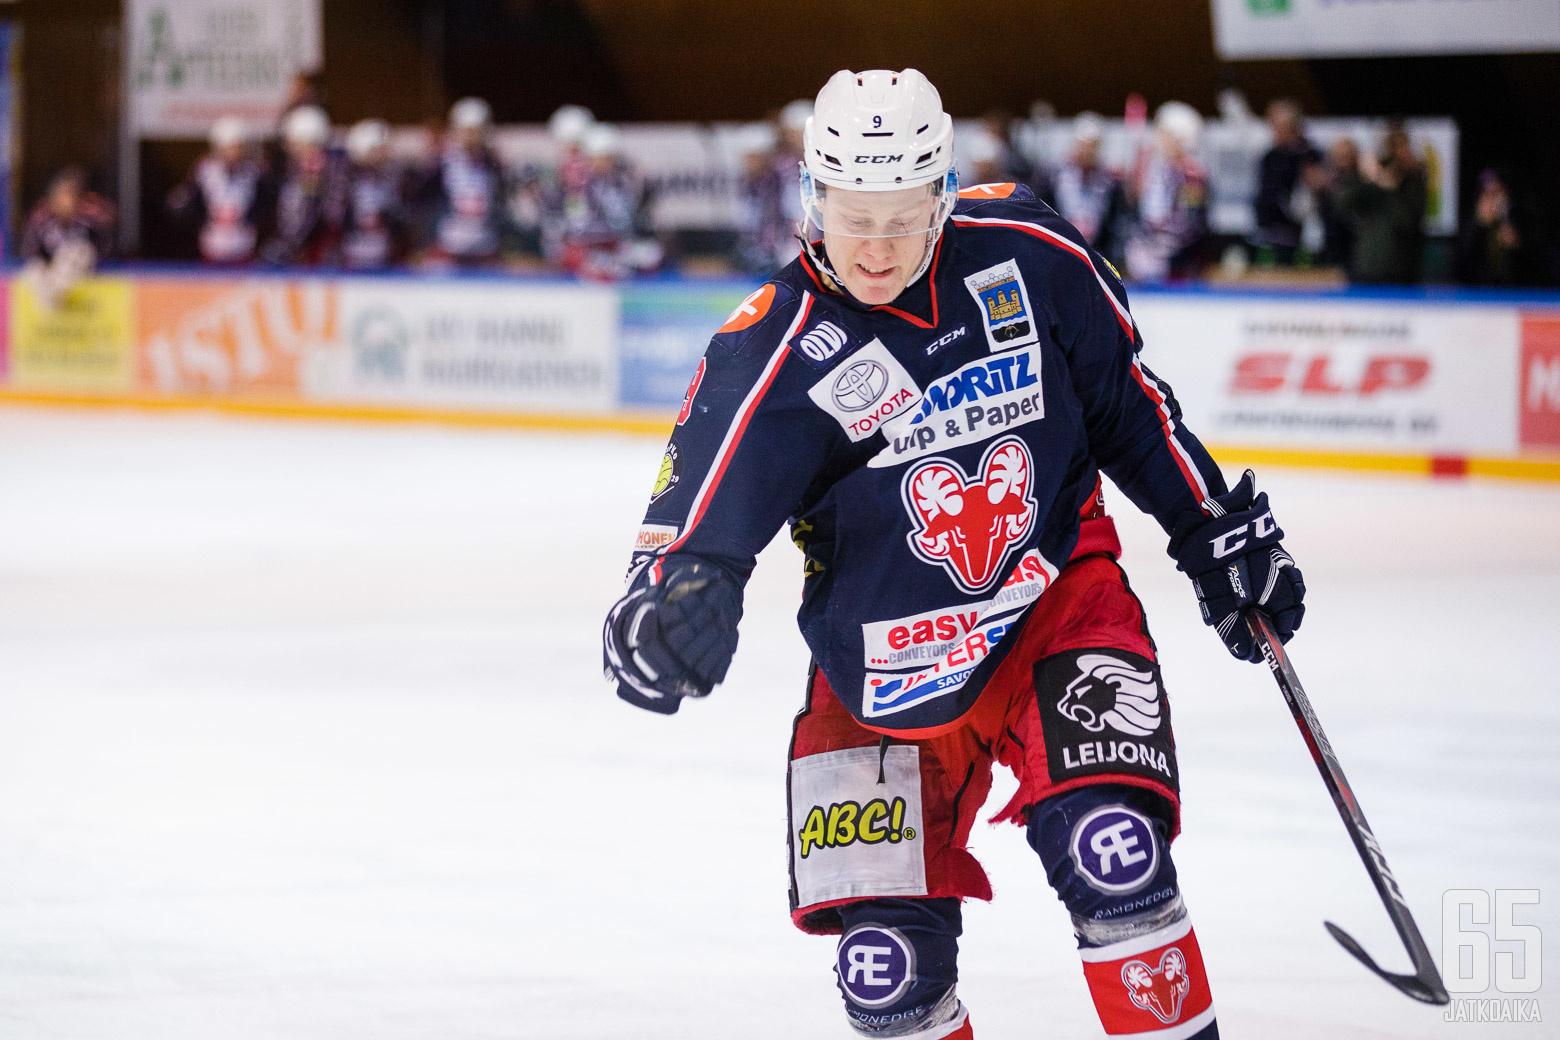 Antti Pylkkänen